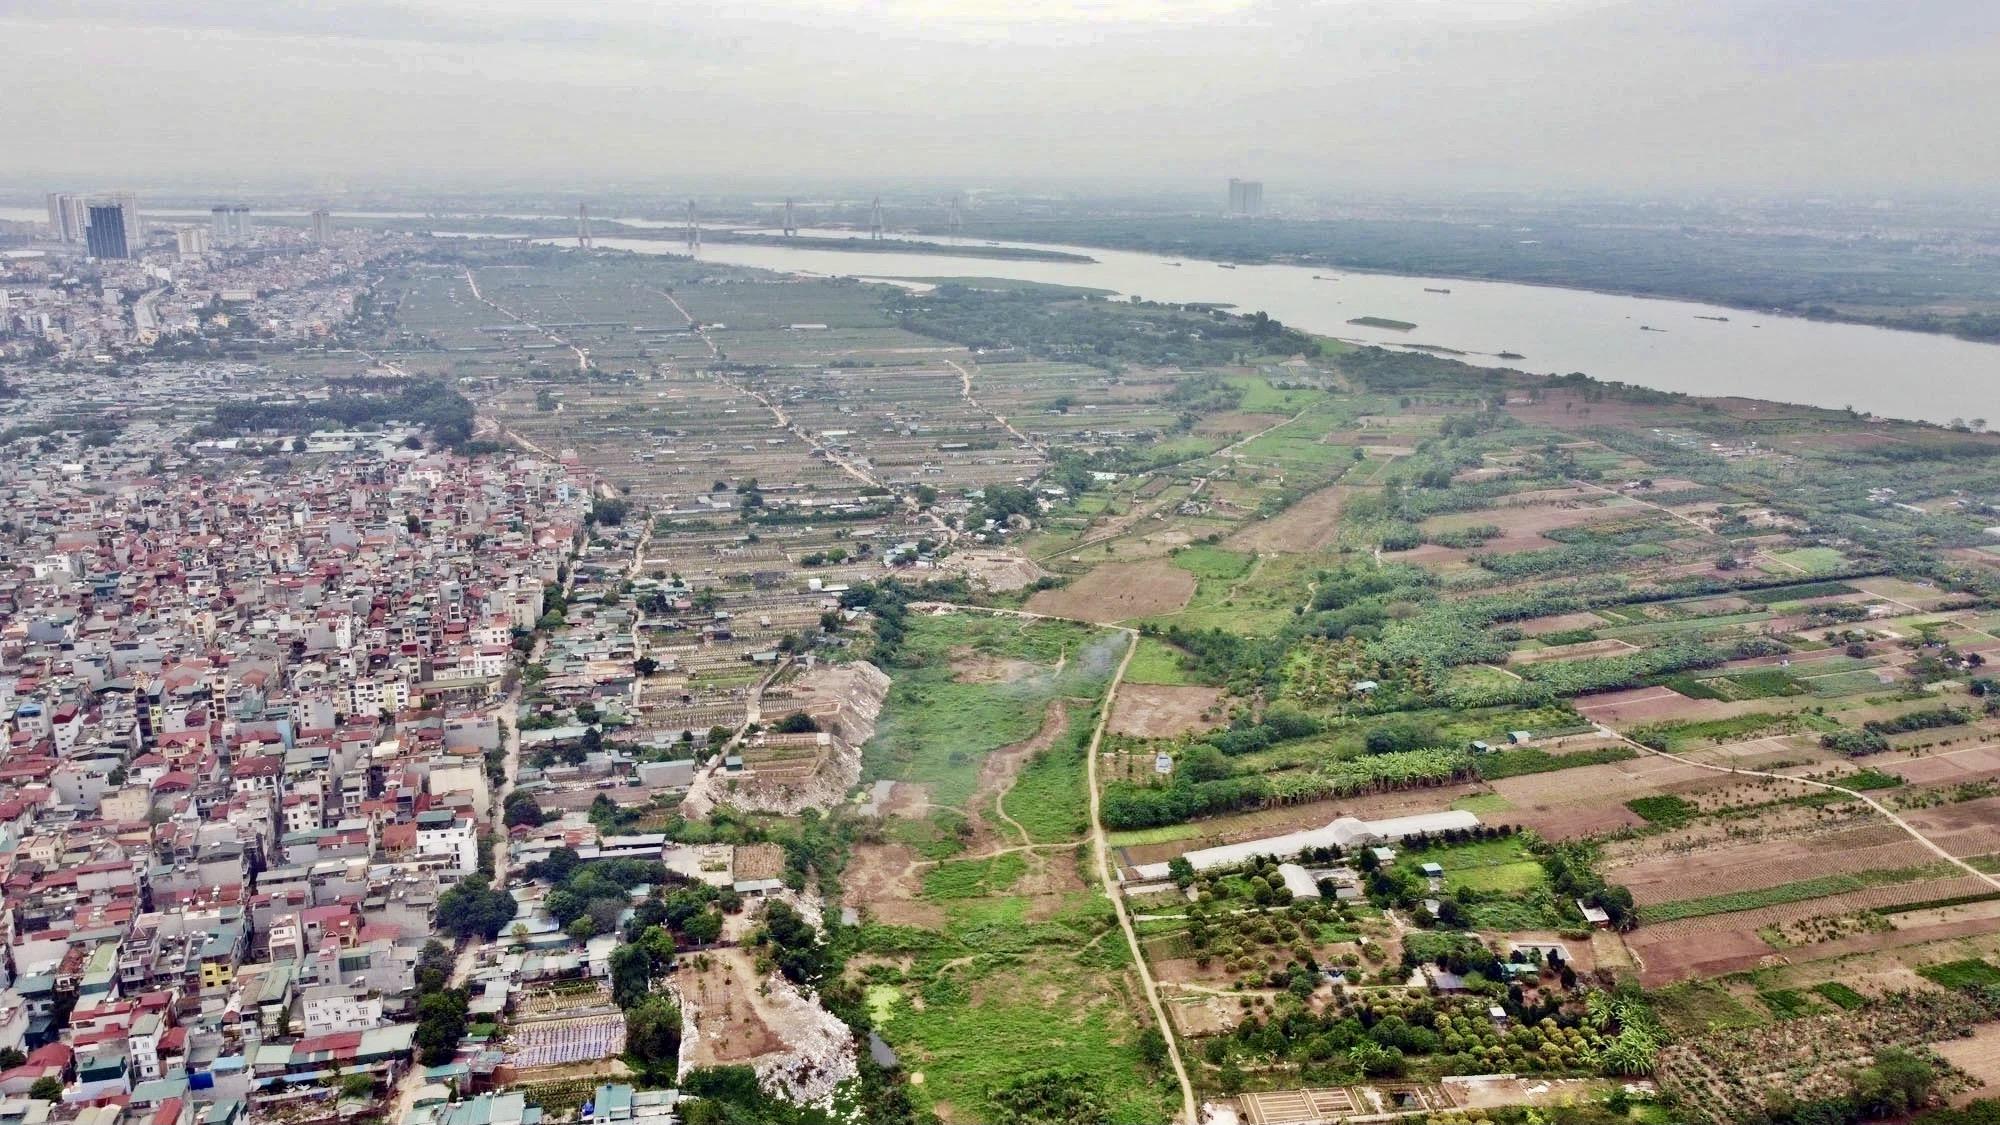 Đấu giá 96 m2 tại phường Tứ Liên, quận Tây Hồ, giá khởi điểm hơn 310 triệu đồng/m2  - Ảnh 1.